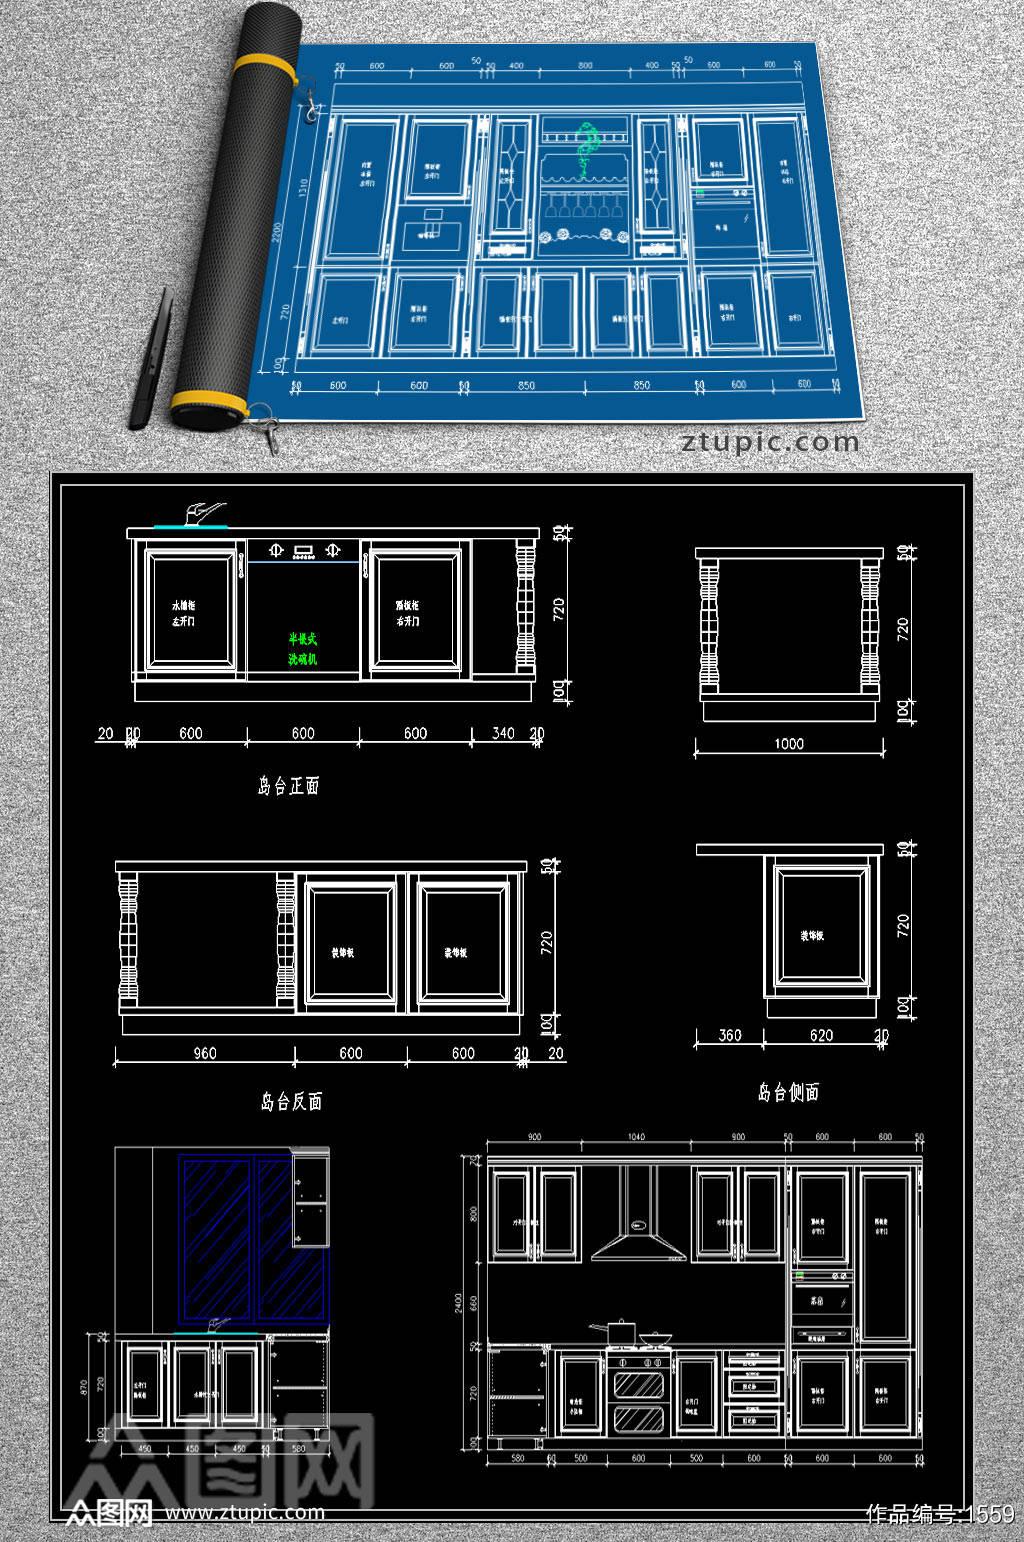 中式西式带中岛橱柜CAD图纸9张素材